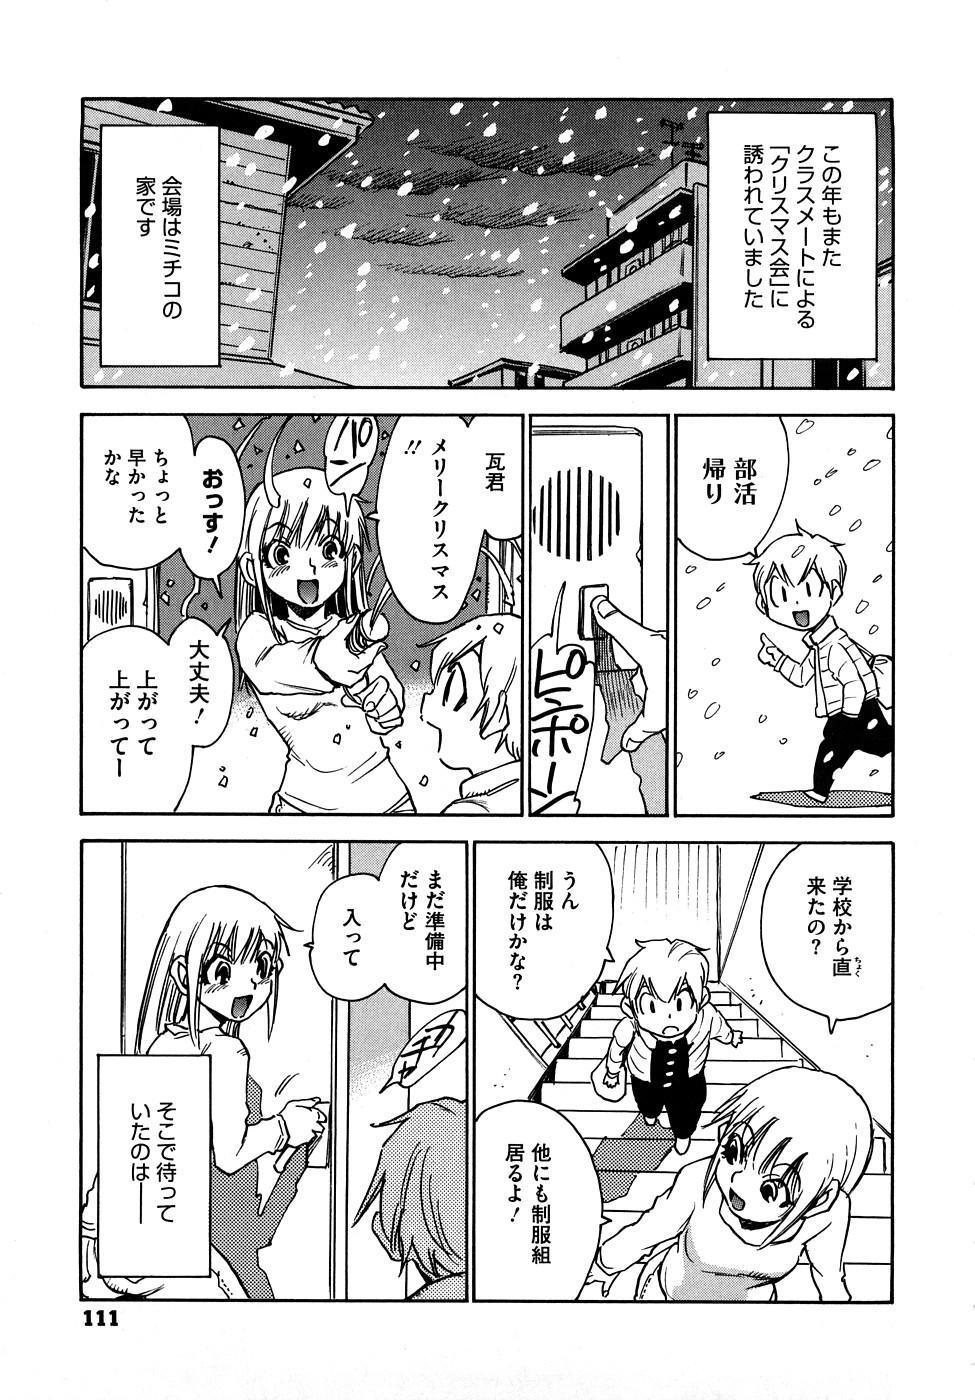 Nanako-san Teki na Nichijou RE 110